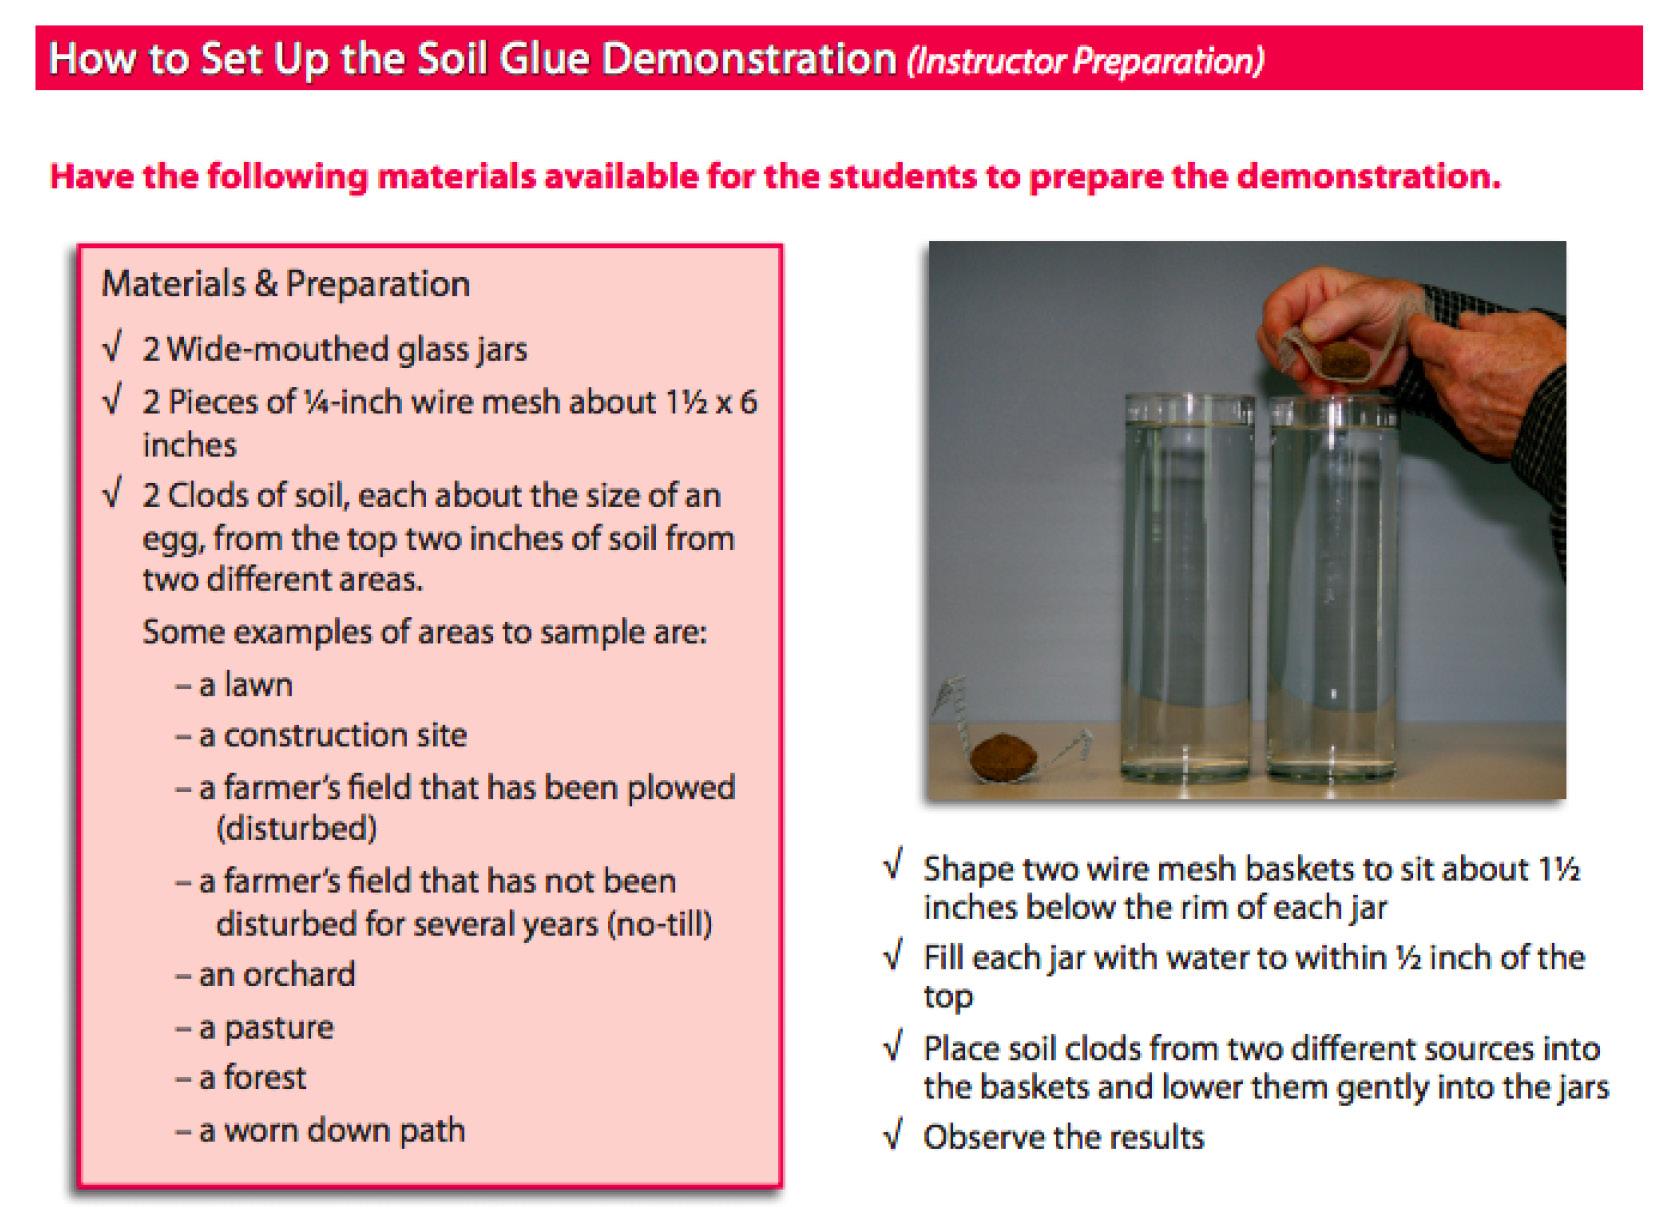 Teacher Prep for Soil Glue Activity